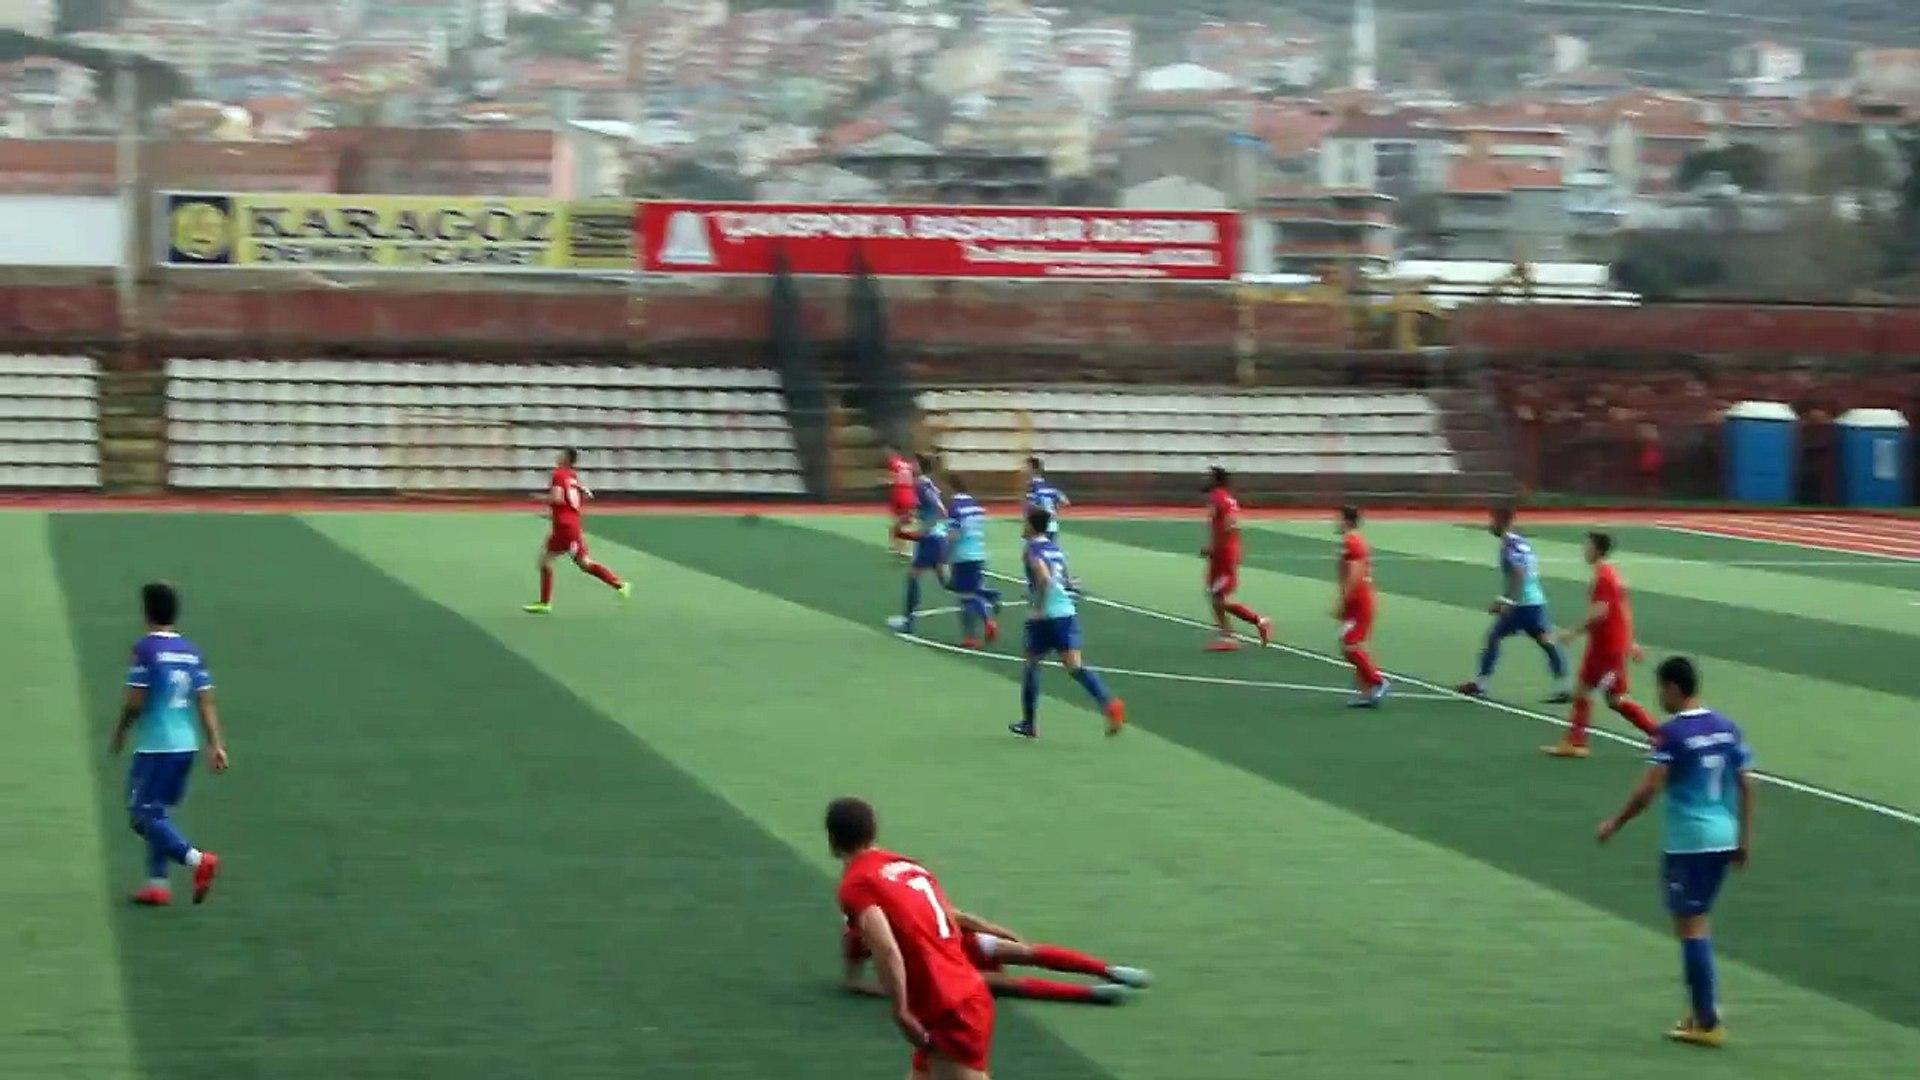 Çan Spor U-19 Biga Spor Centilmence Oyun Oldu